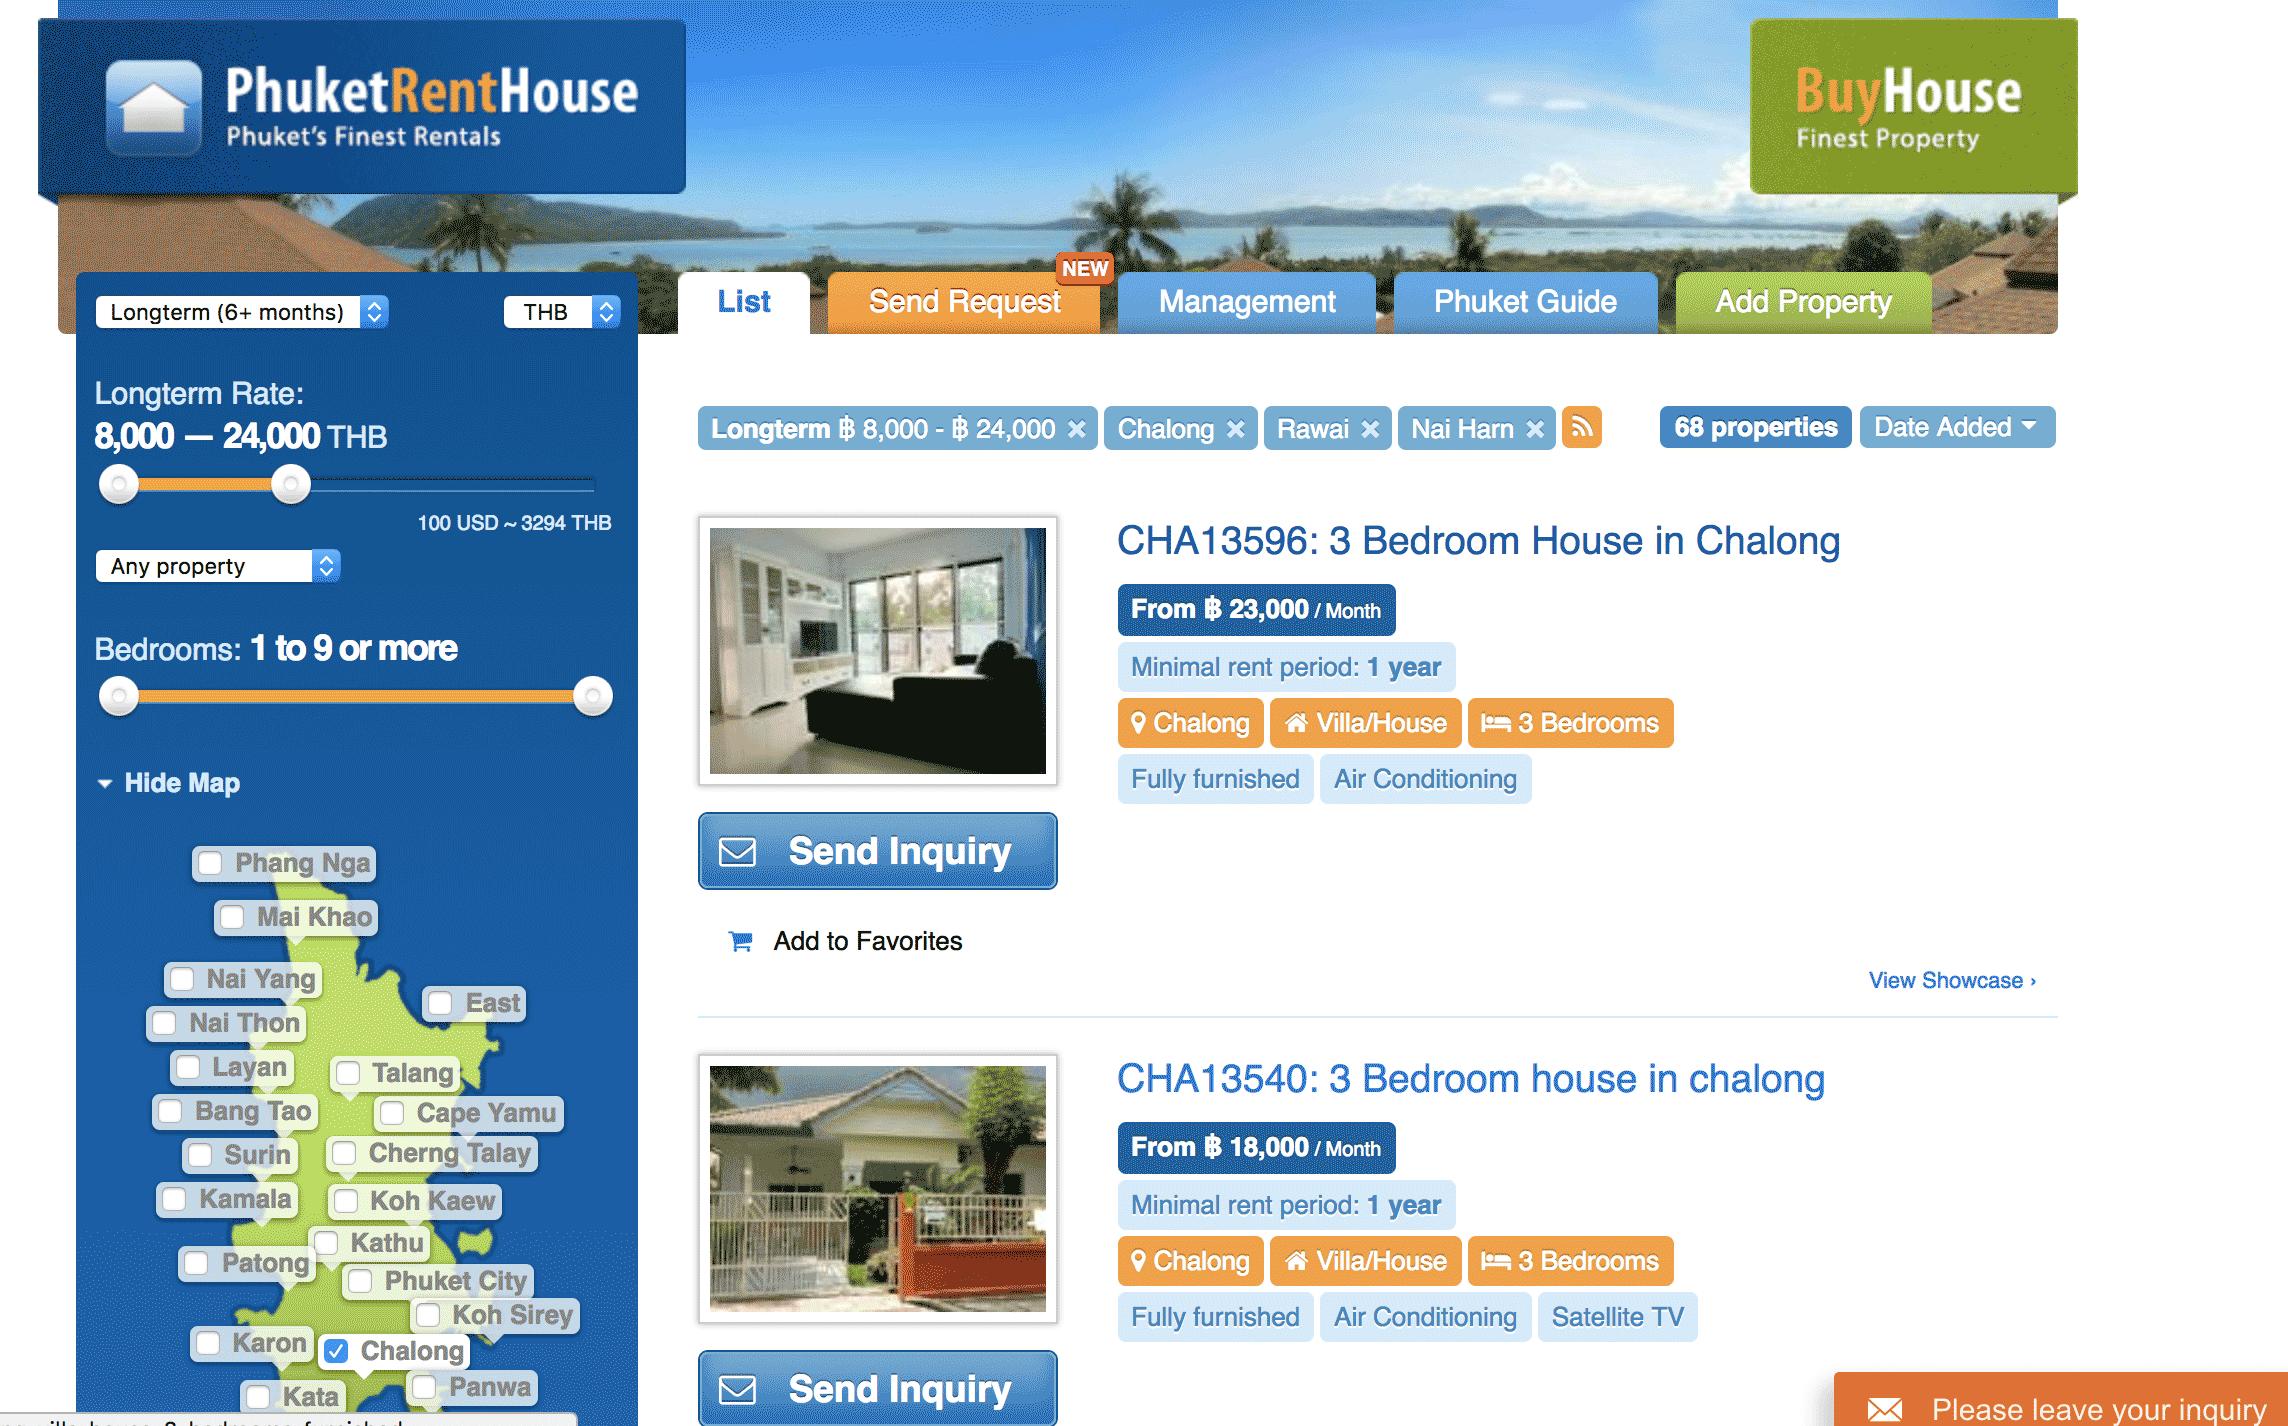 Жилье можно искать на Phuketrenthouse.com